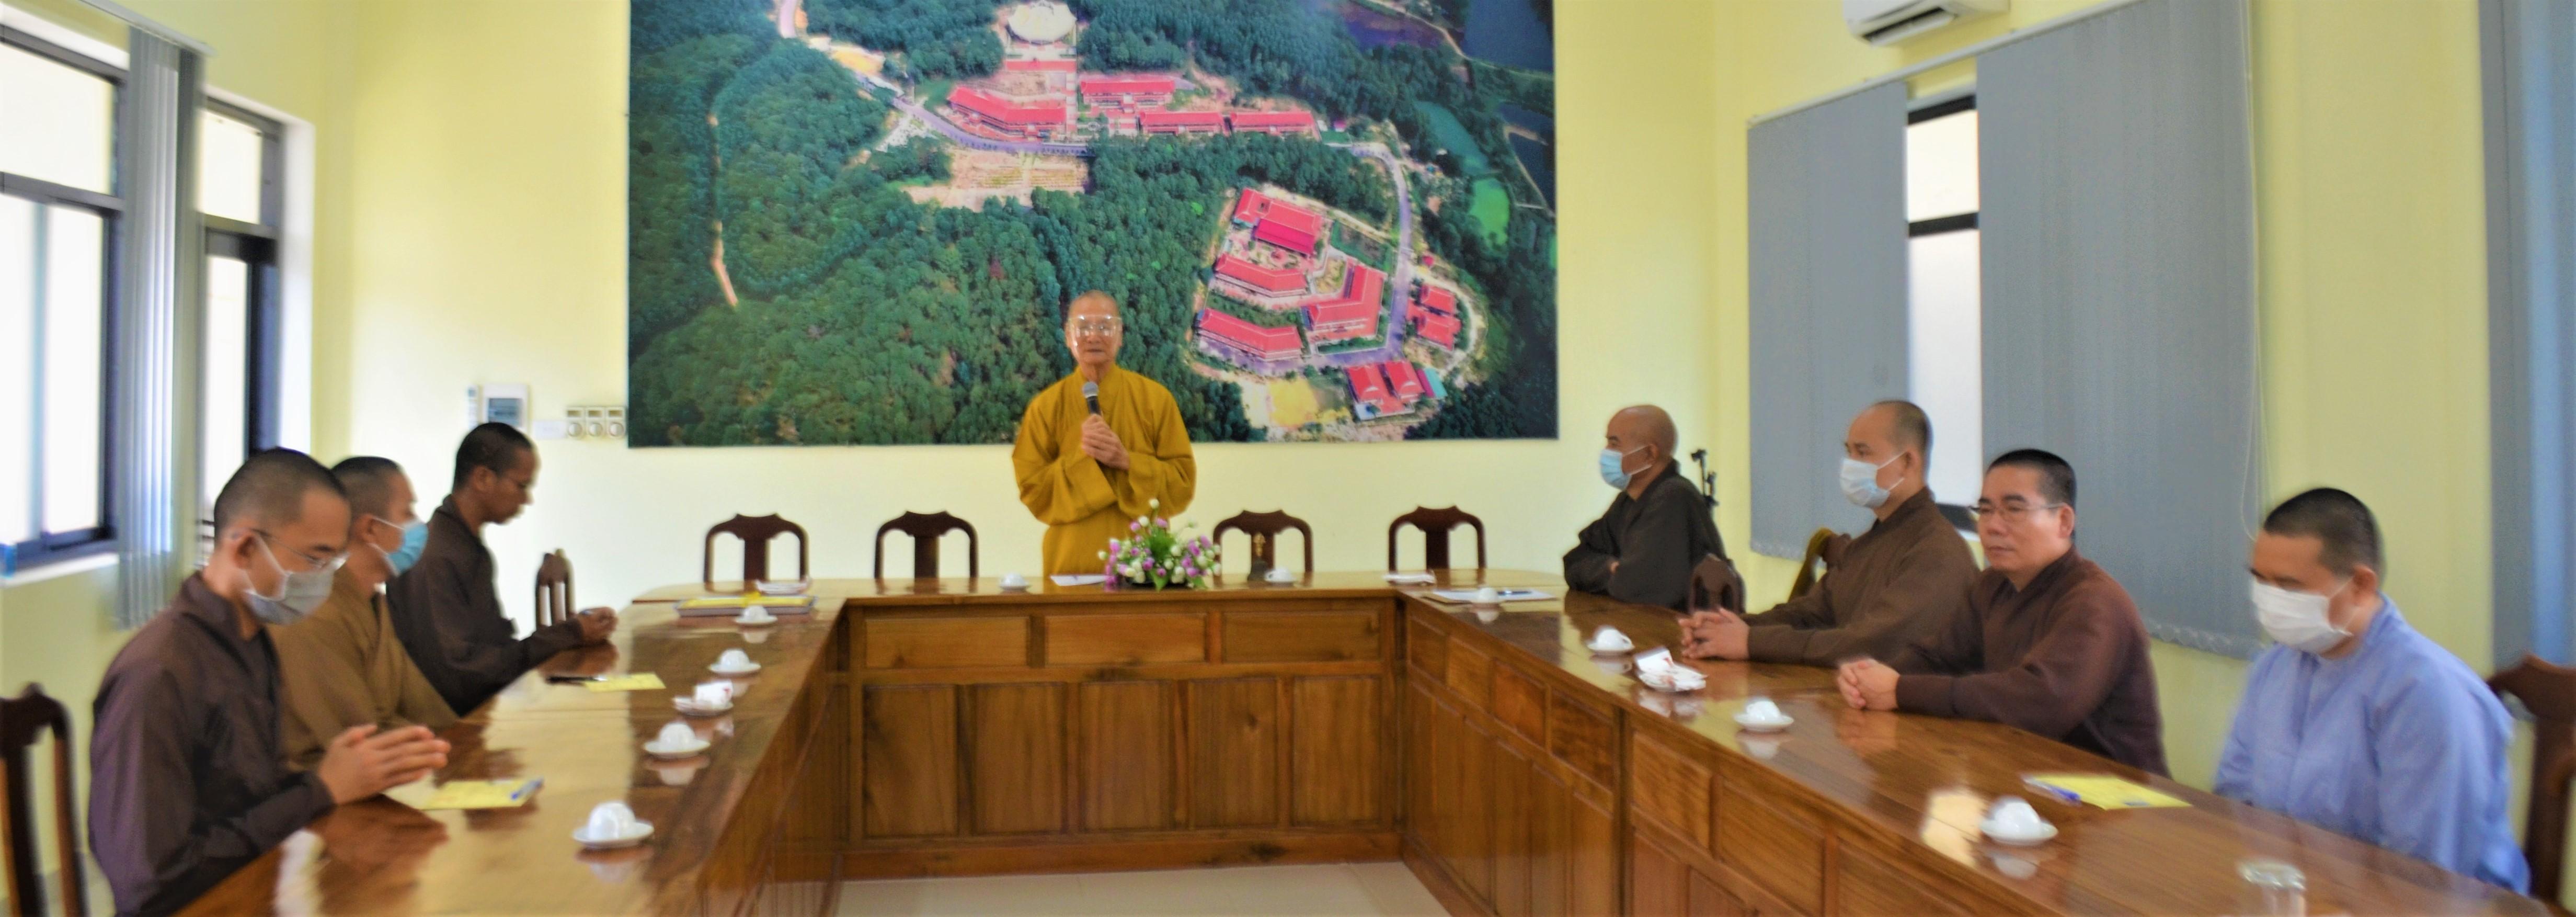 Học viện PGVN tại Huế tổ chức tuyển sinh Cử nhân Phật học khóa XII – đợt 2